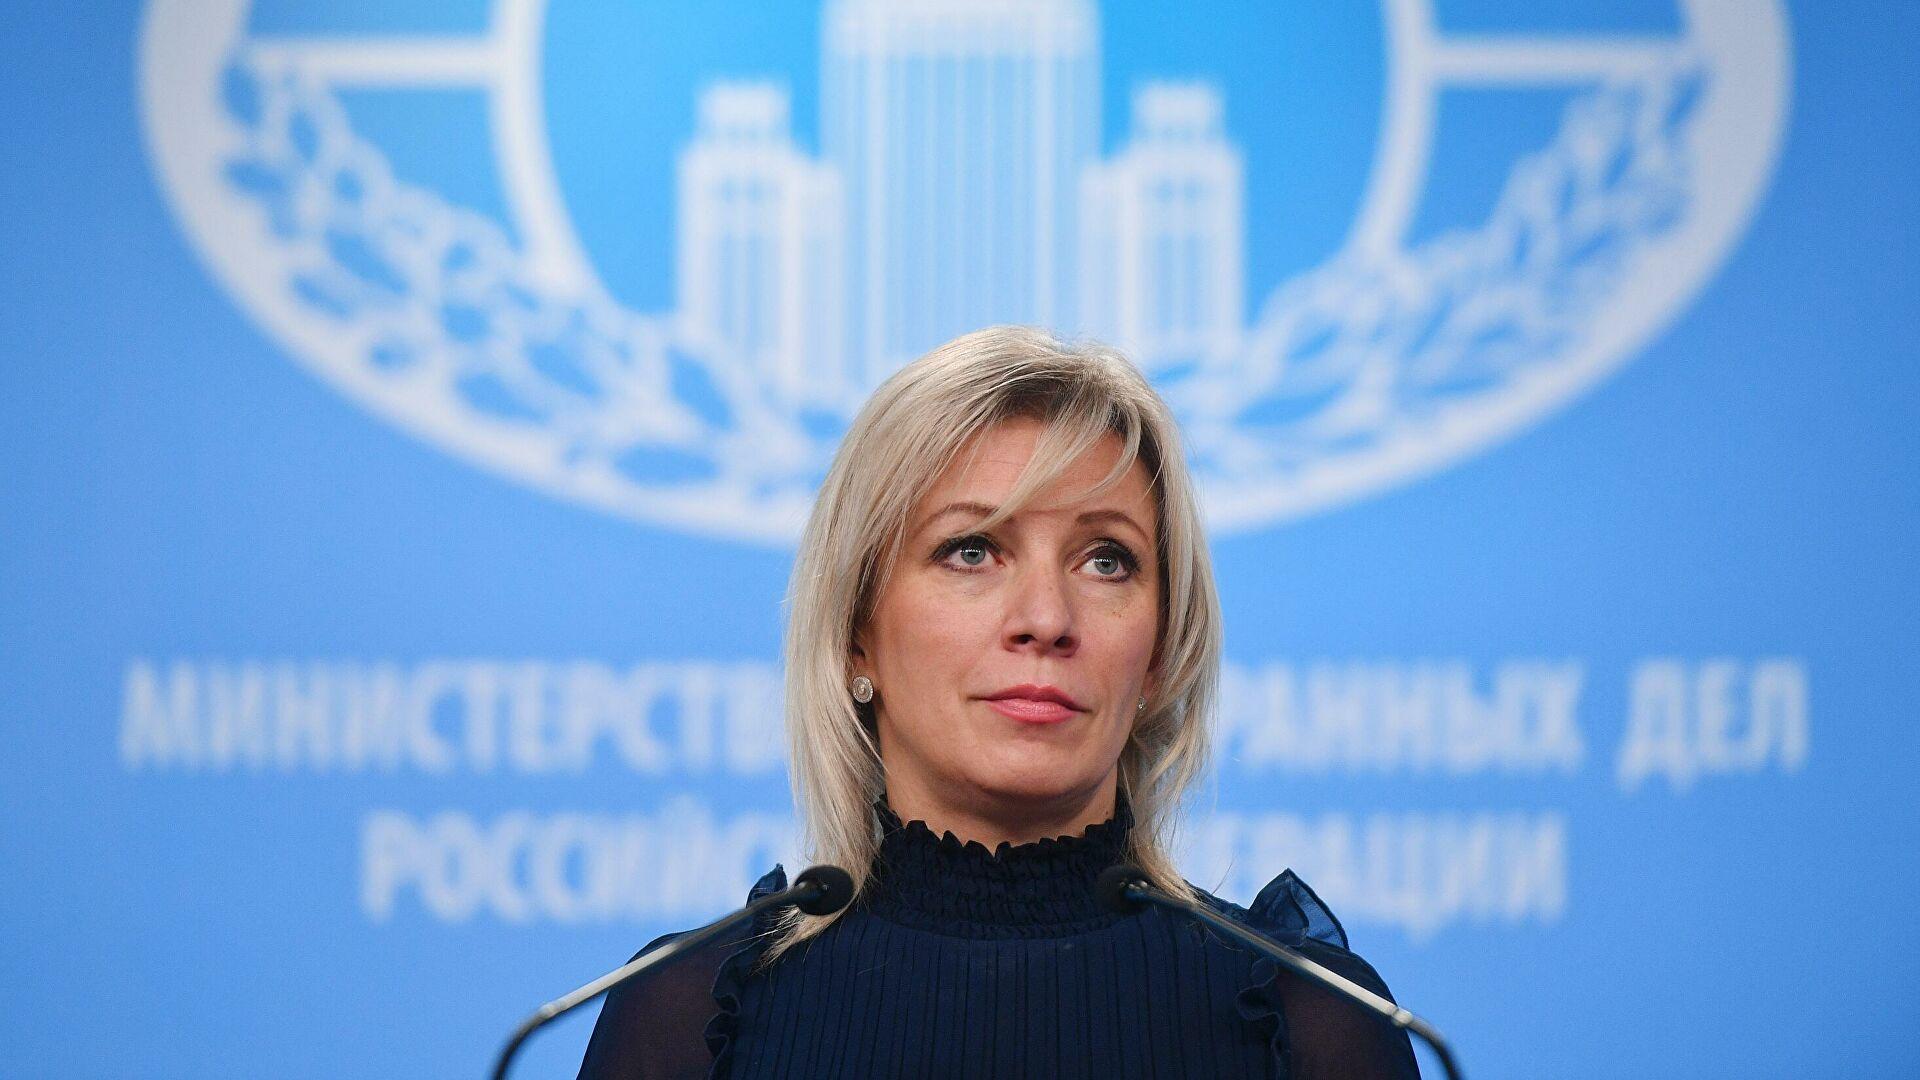 Захарова: Нови непријатељски кораци ЕУ према Русији неће остати без одговора